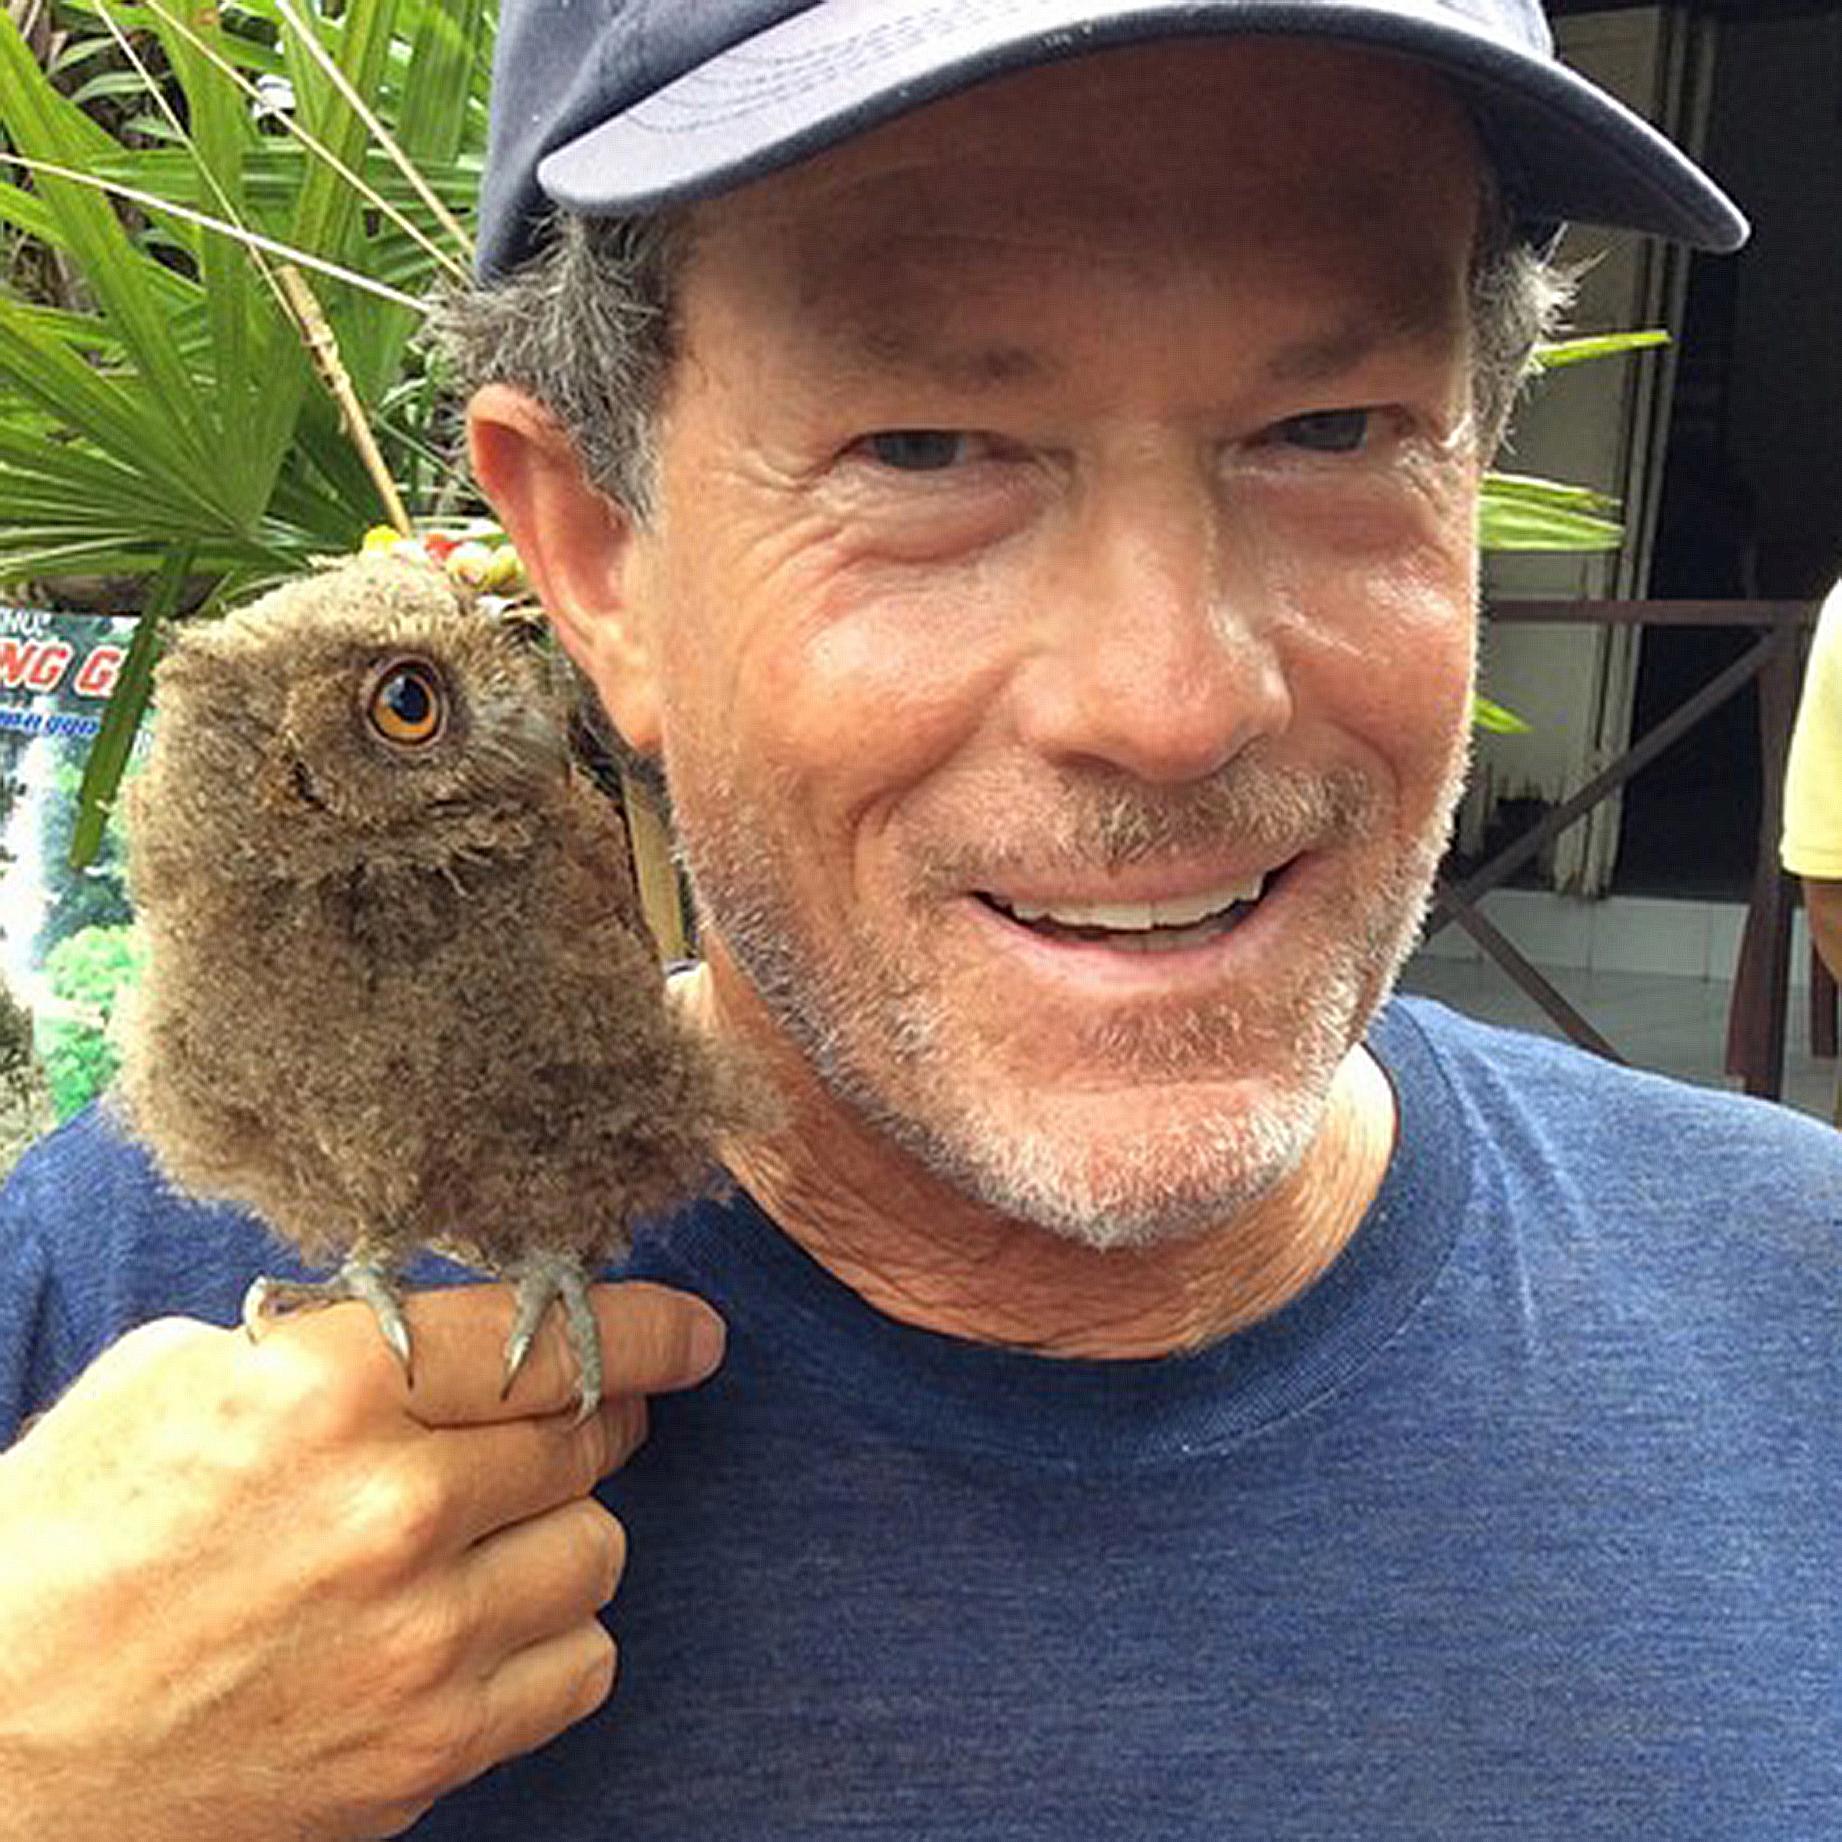 Alden and owl crop ps.jpg